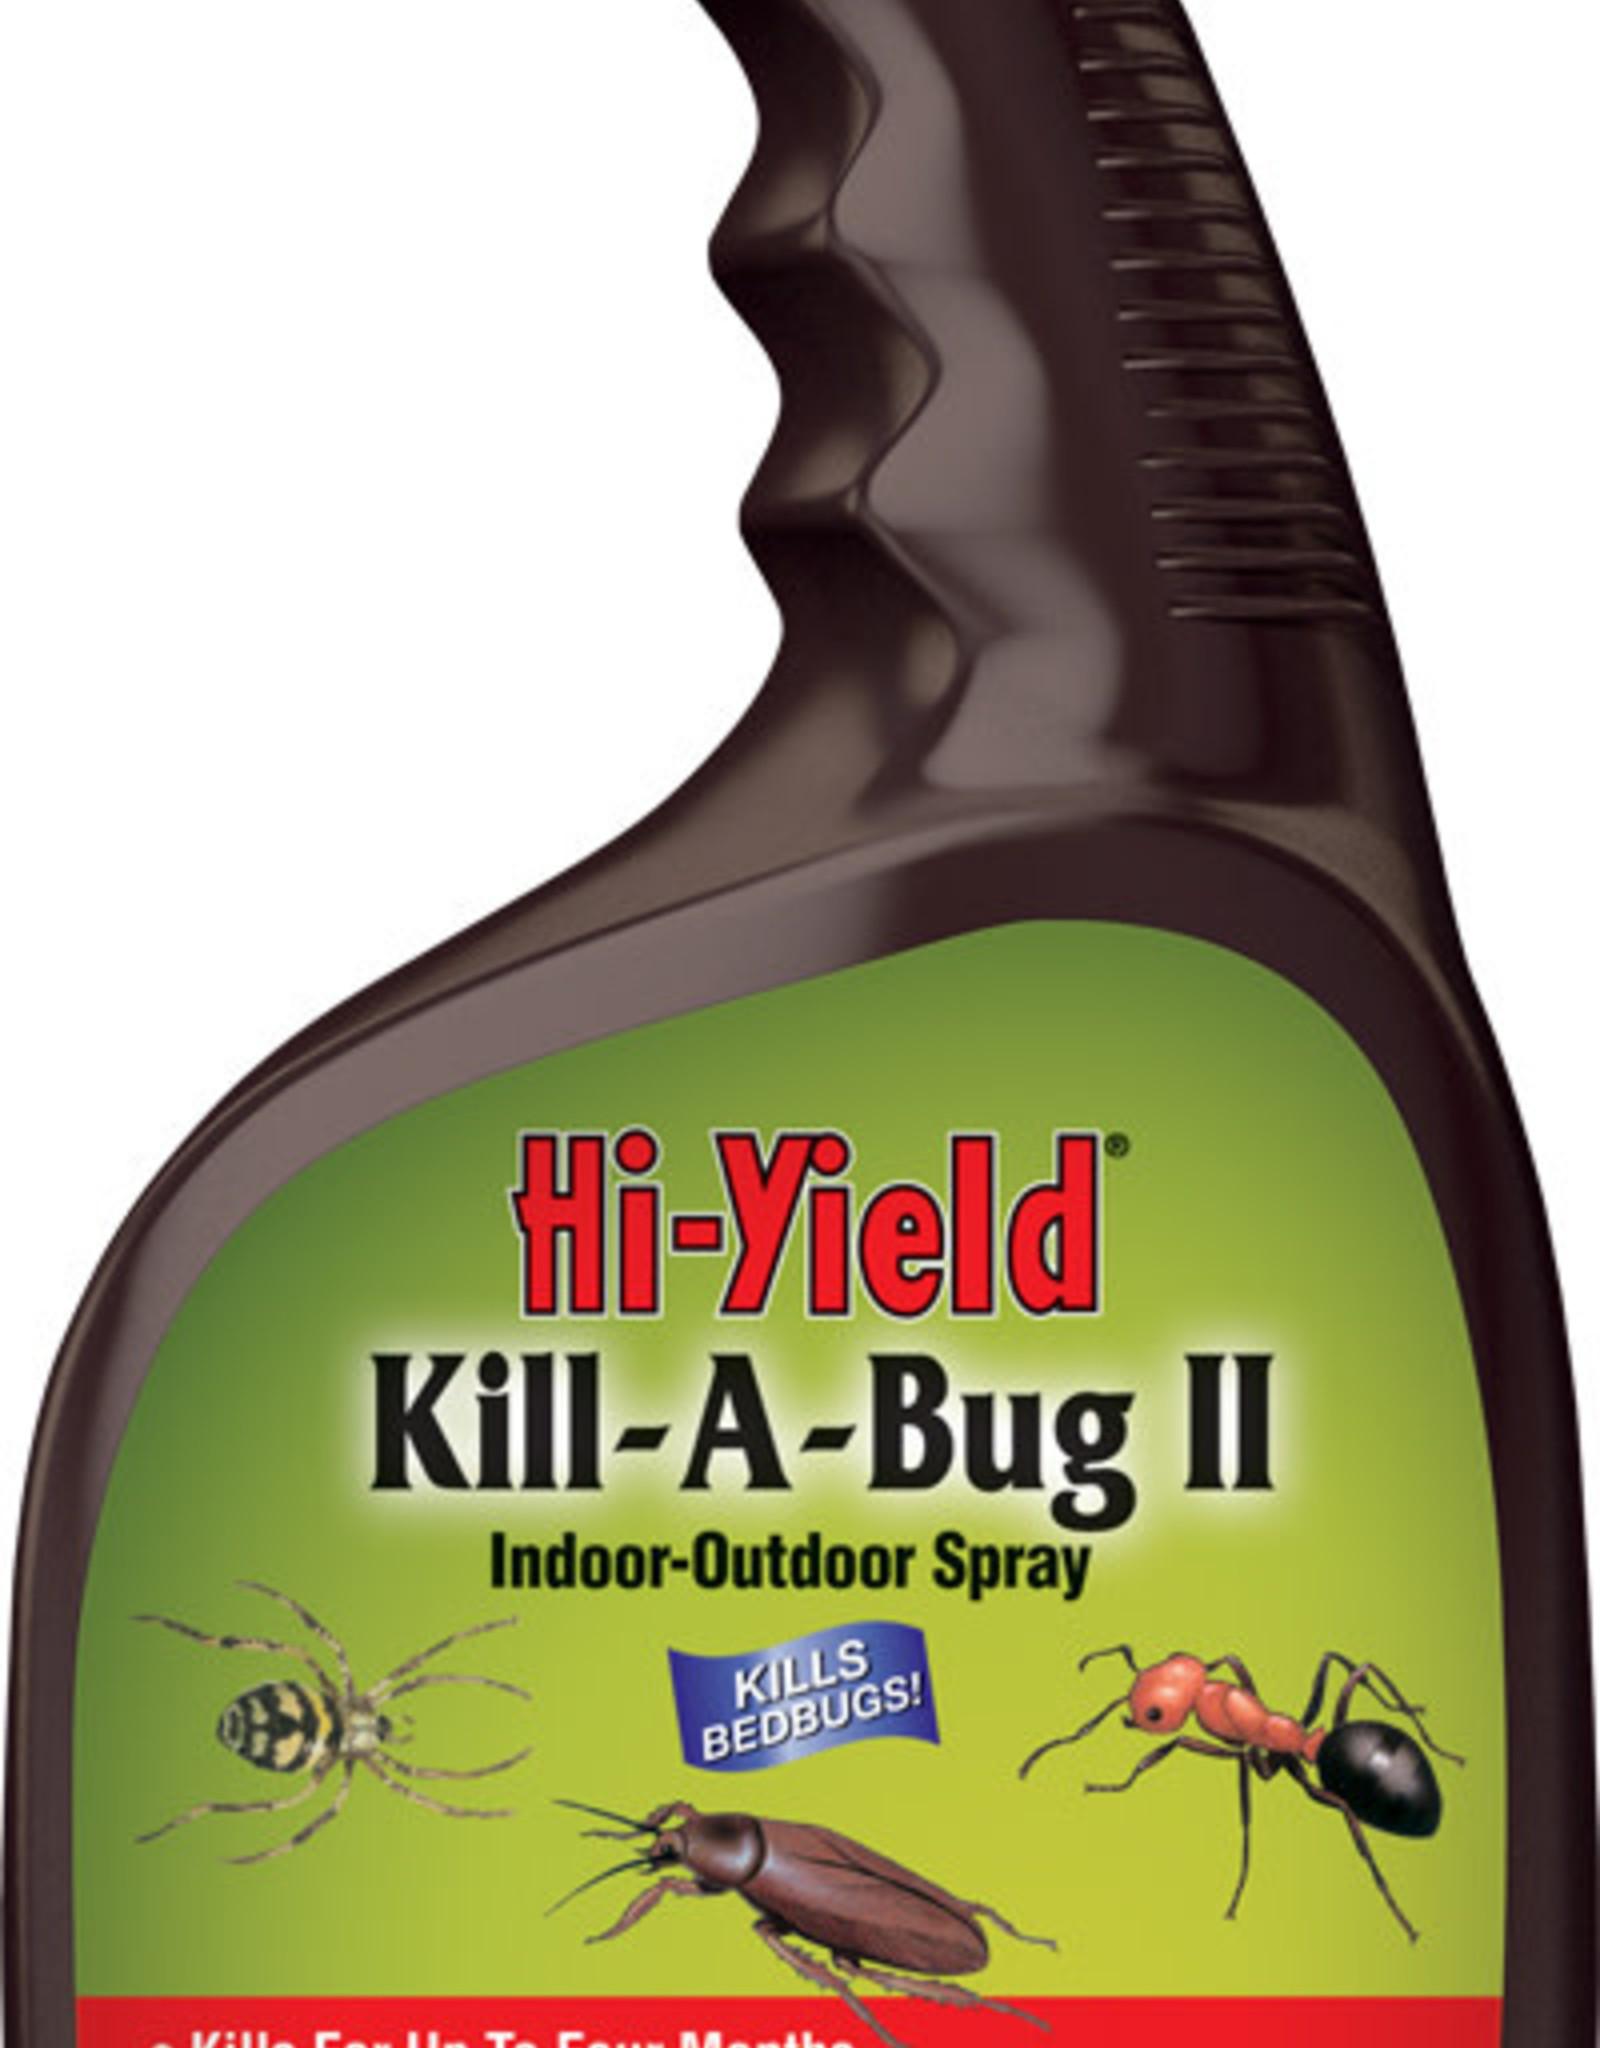 Hi-Yield Kill-A-Bug II 32oz Indoor/Outdoor Spray